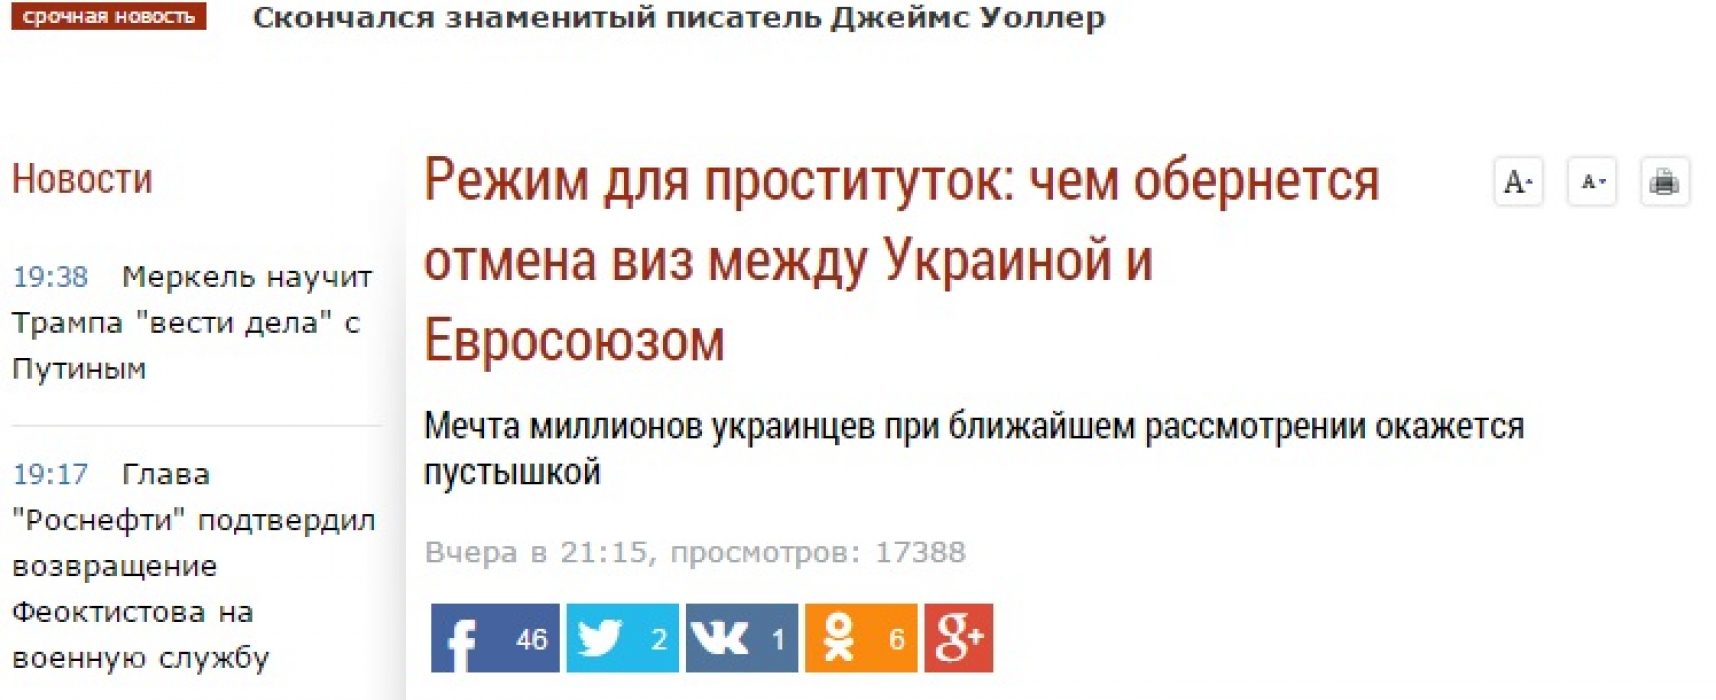 Руски СМИ: Радикали и проститутки – ето какво очаква Европа след въвеждането на безвизов режим с Украйна